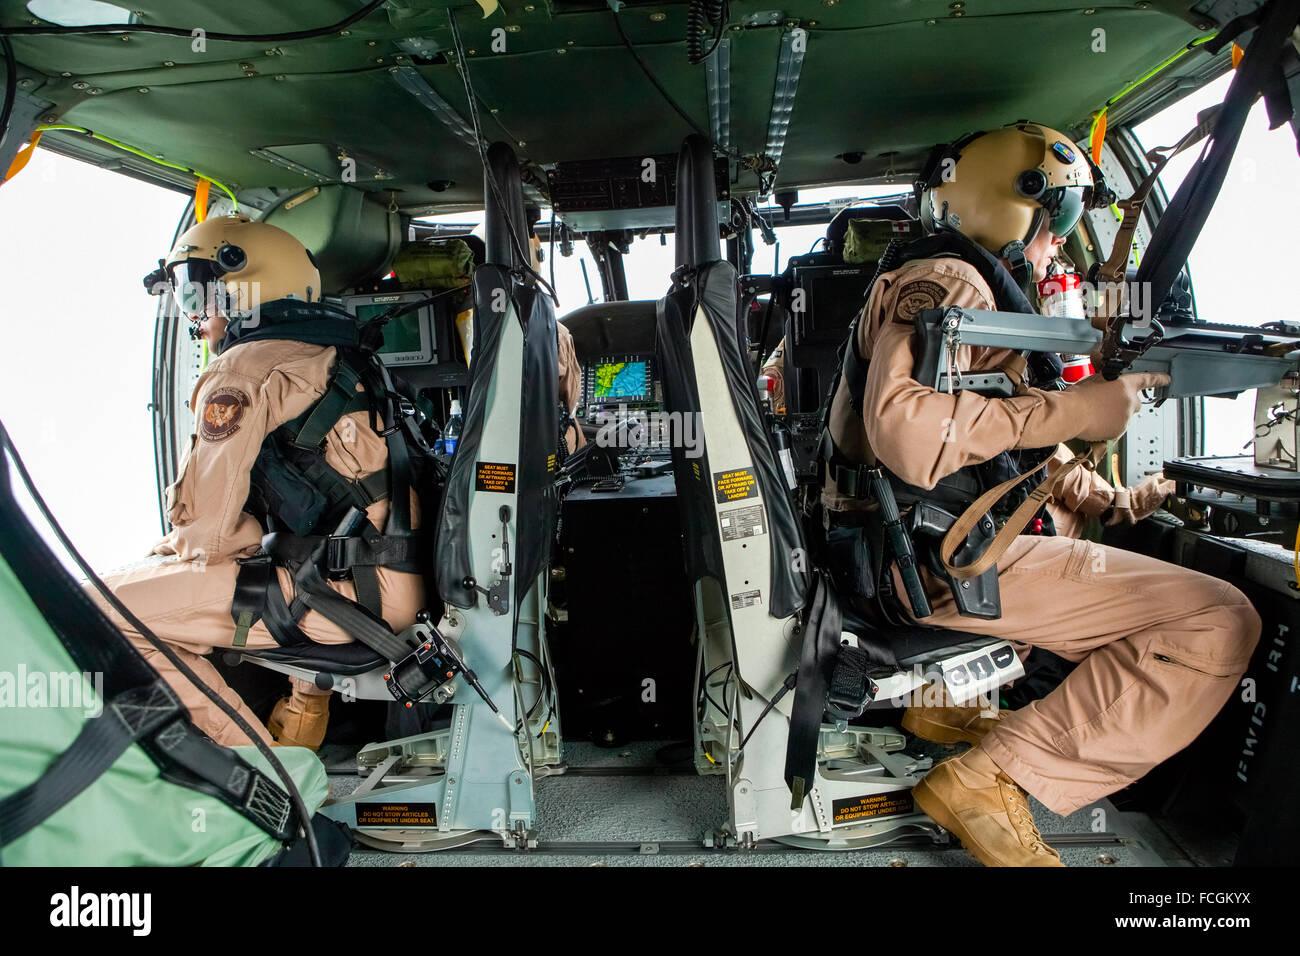 US-Zoll und Grenze Schutz CBP Büro für Luft- und Marine-Einheit ein Sikorsky UH-60 Blackhawk Hubschrauber Stockbild